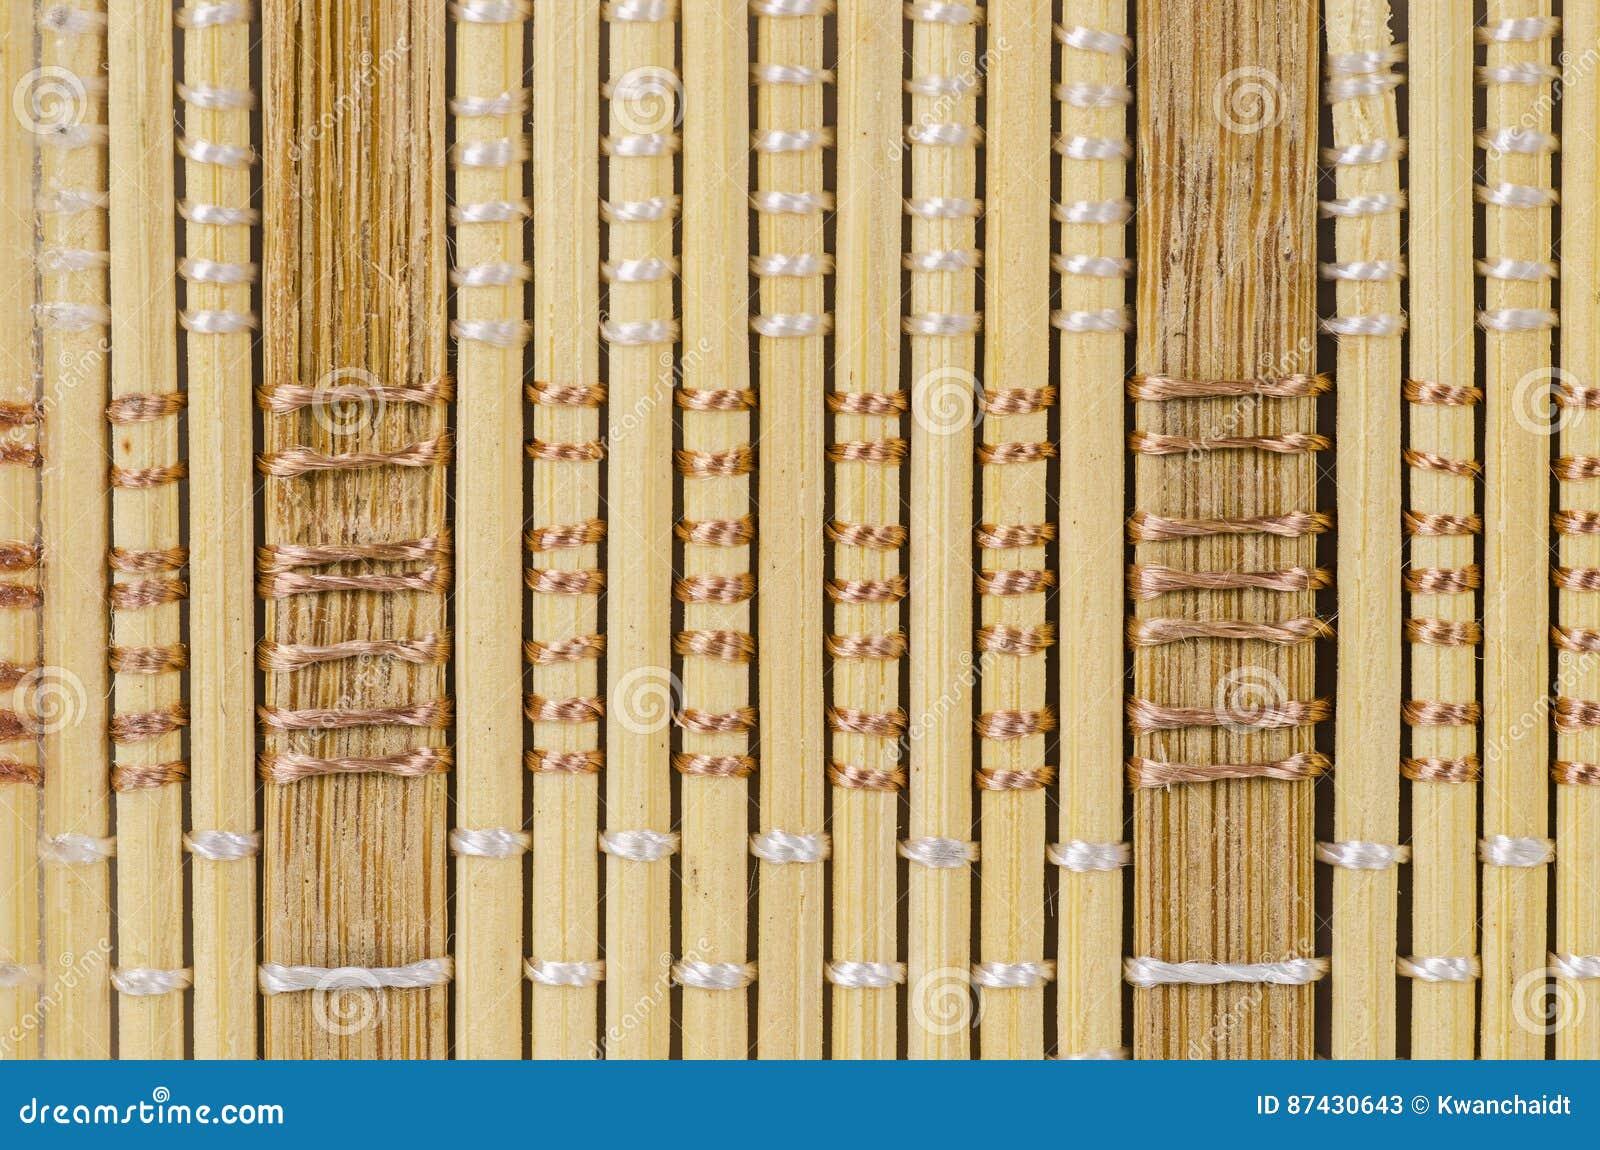 Matériel De Modèle De Rideau En Bambou Image stock - Image ...